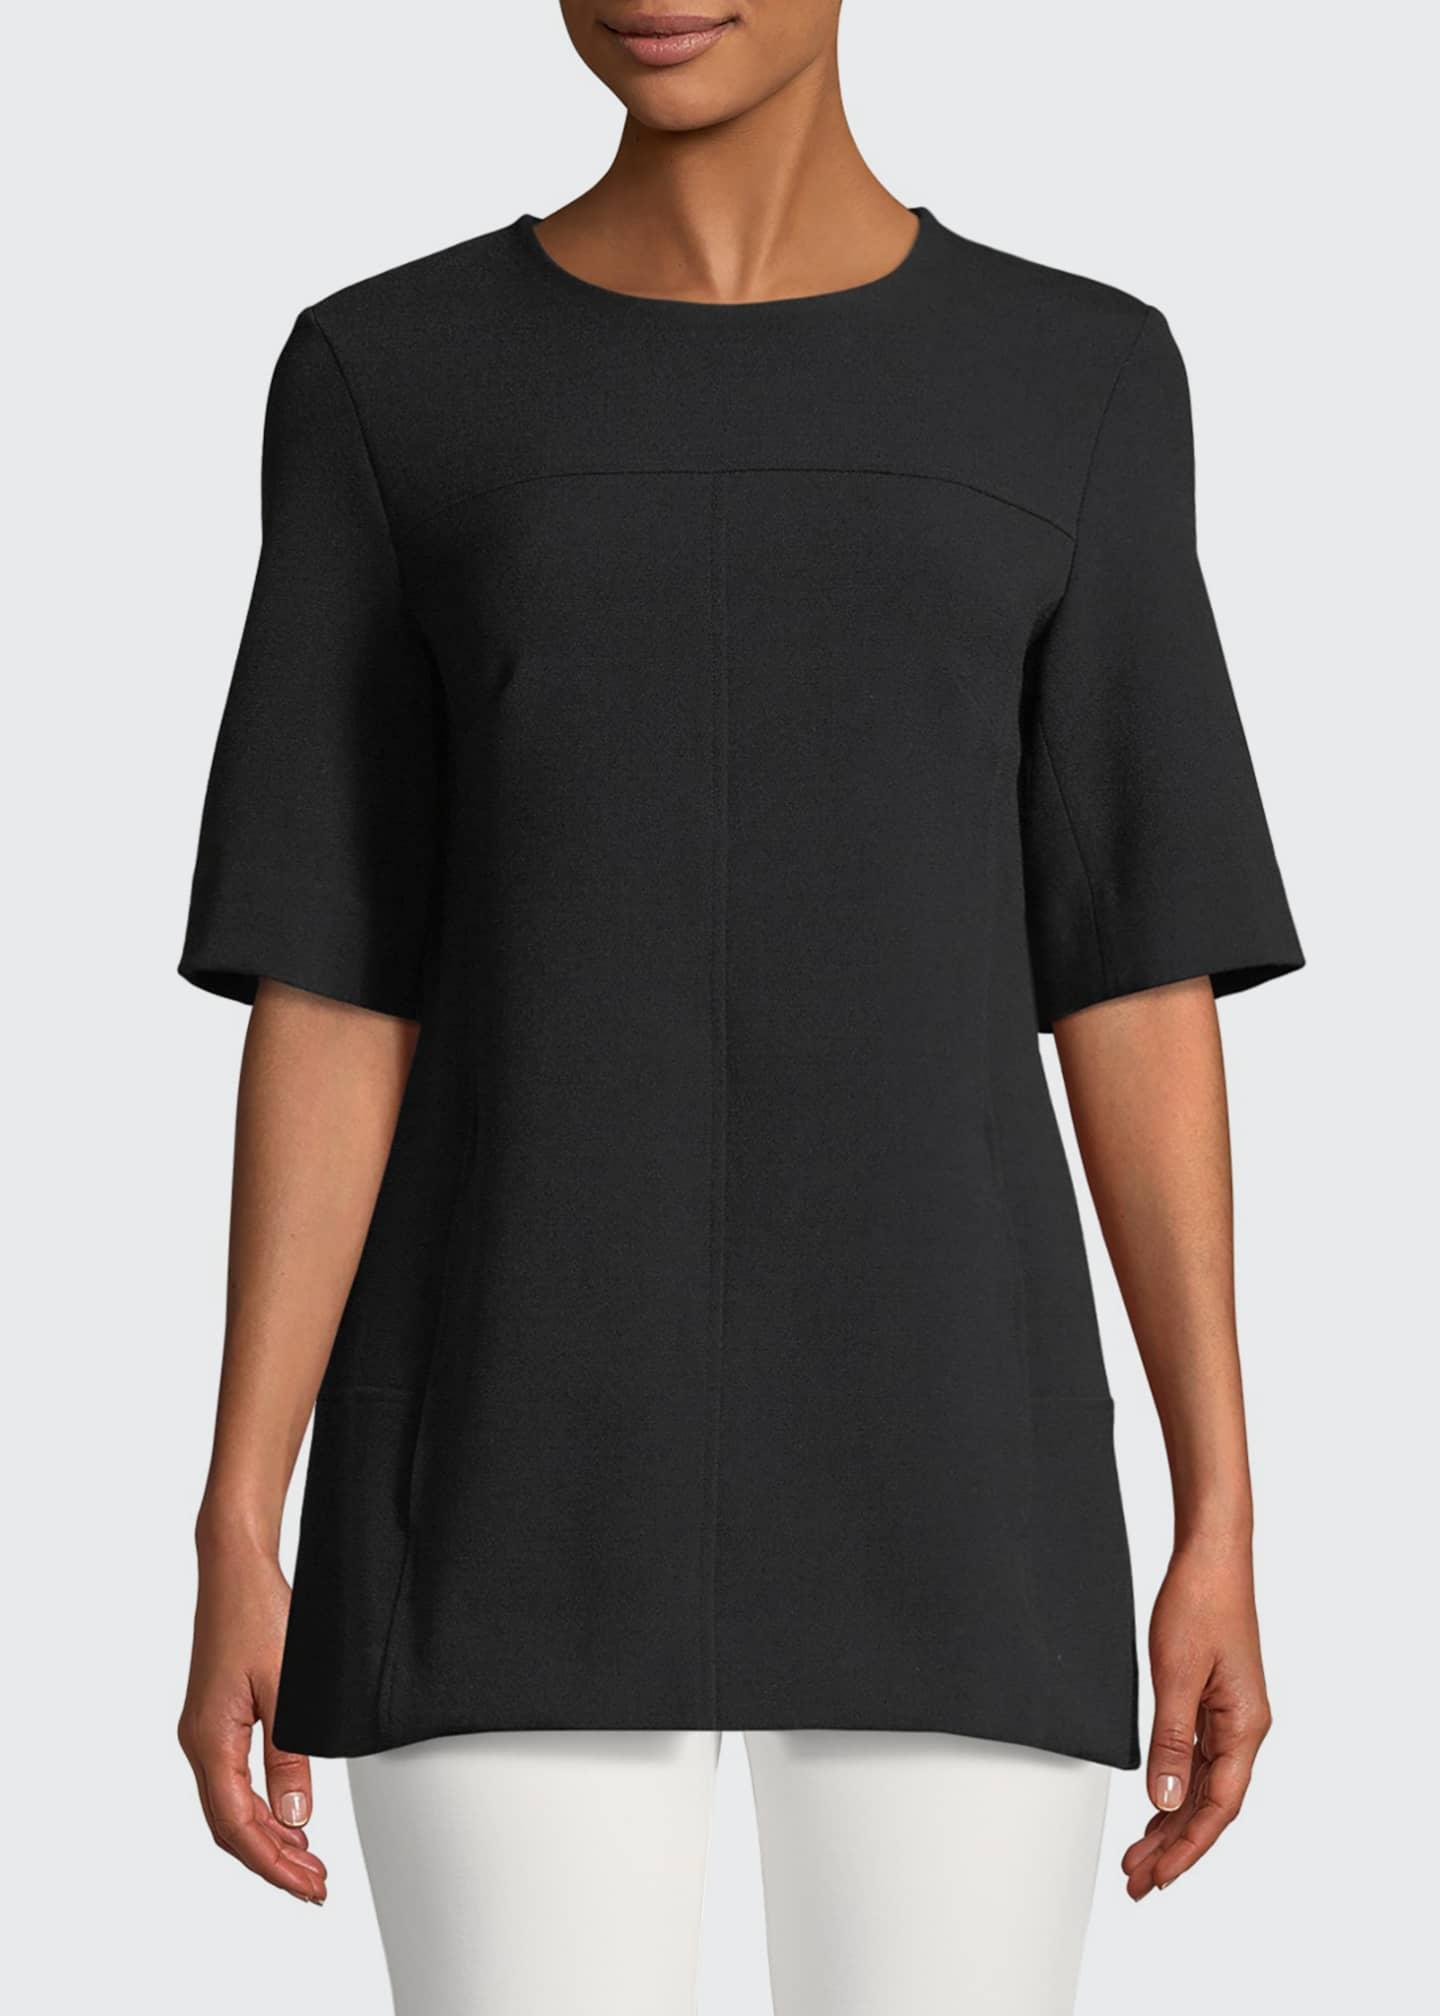 Lela Rose Short-Sleeve Tunic